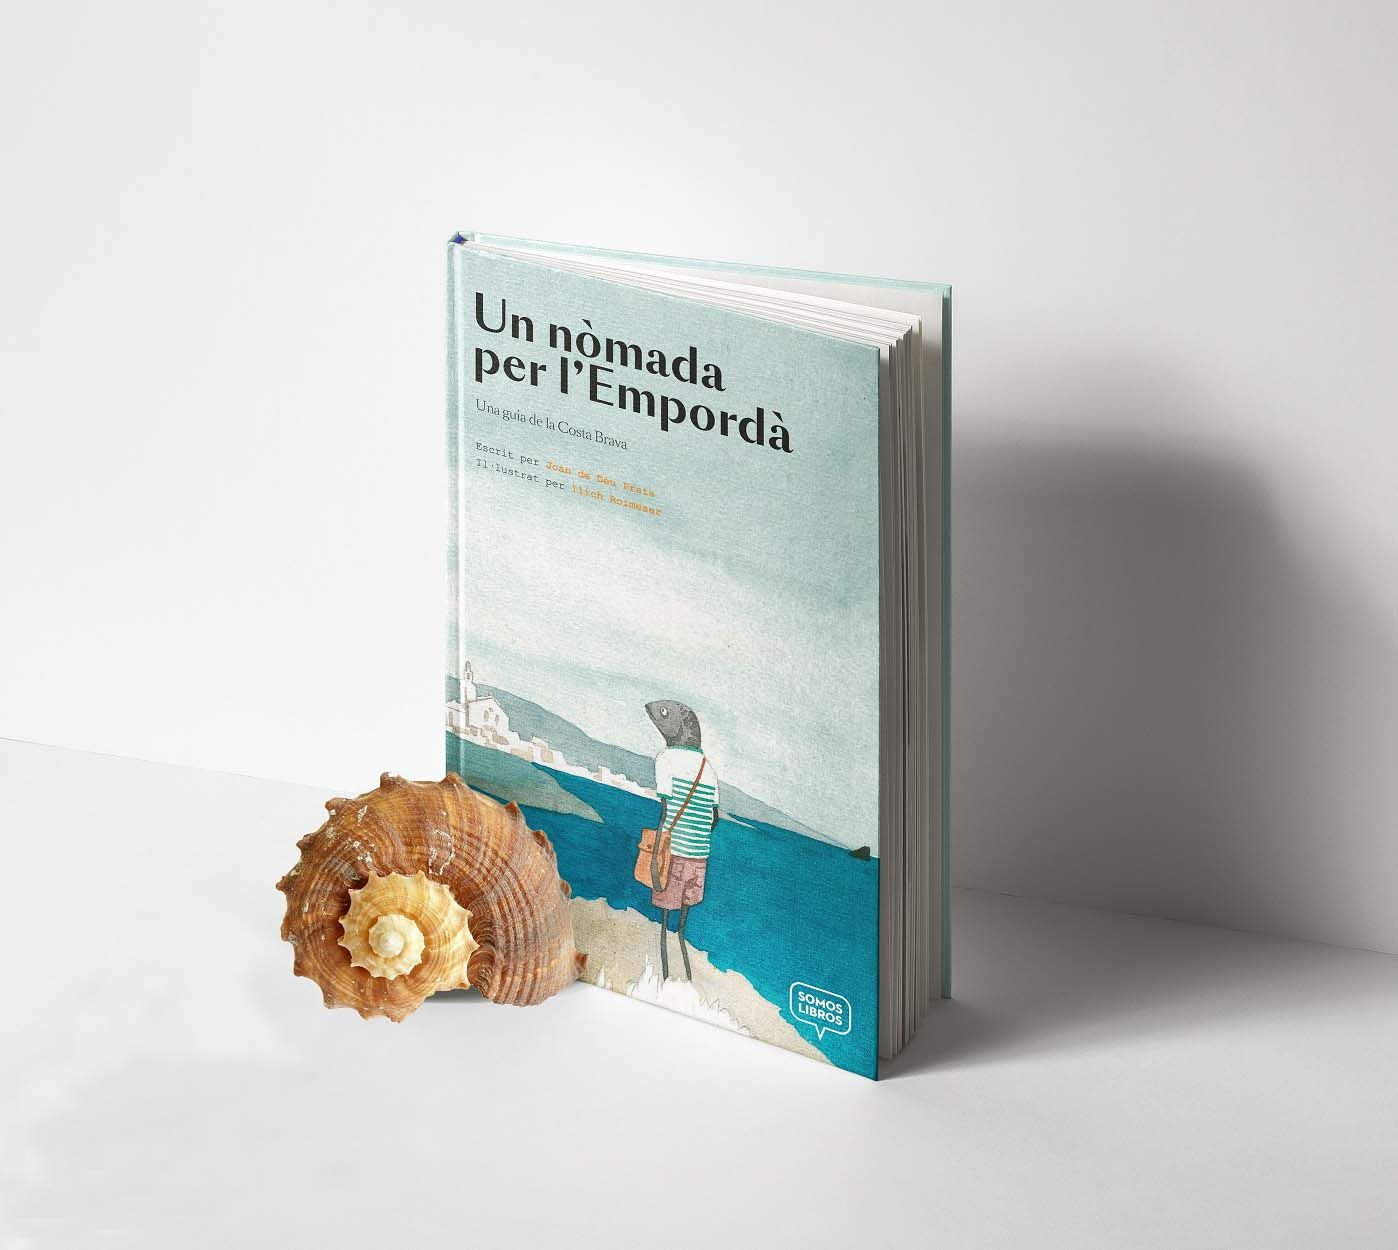 Último libro